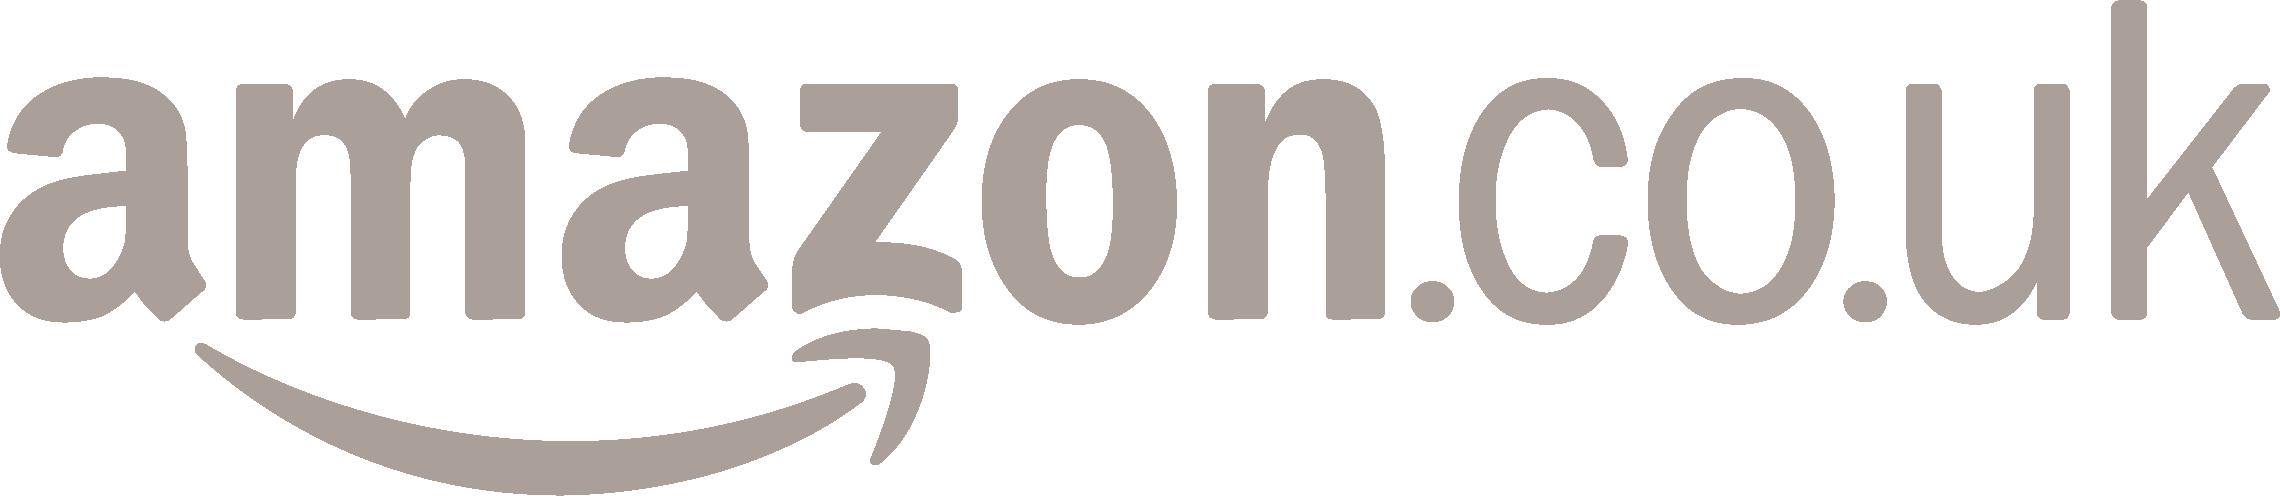 amazon-co-uk_grey.png